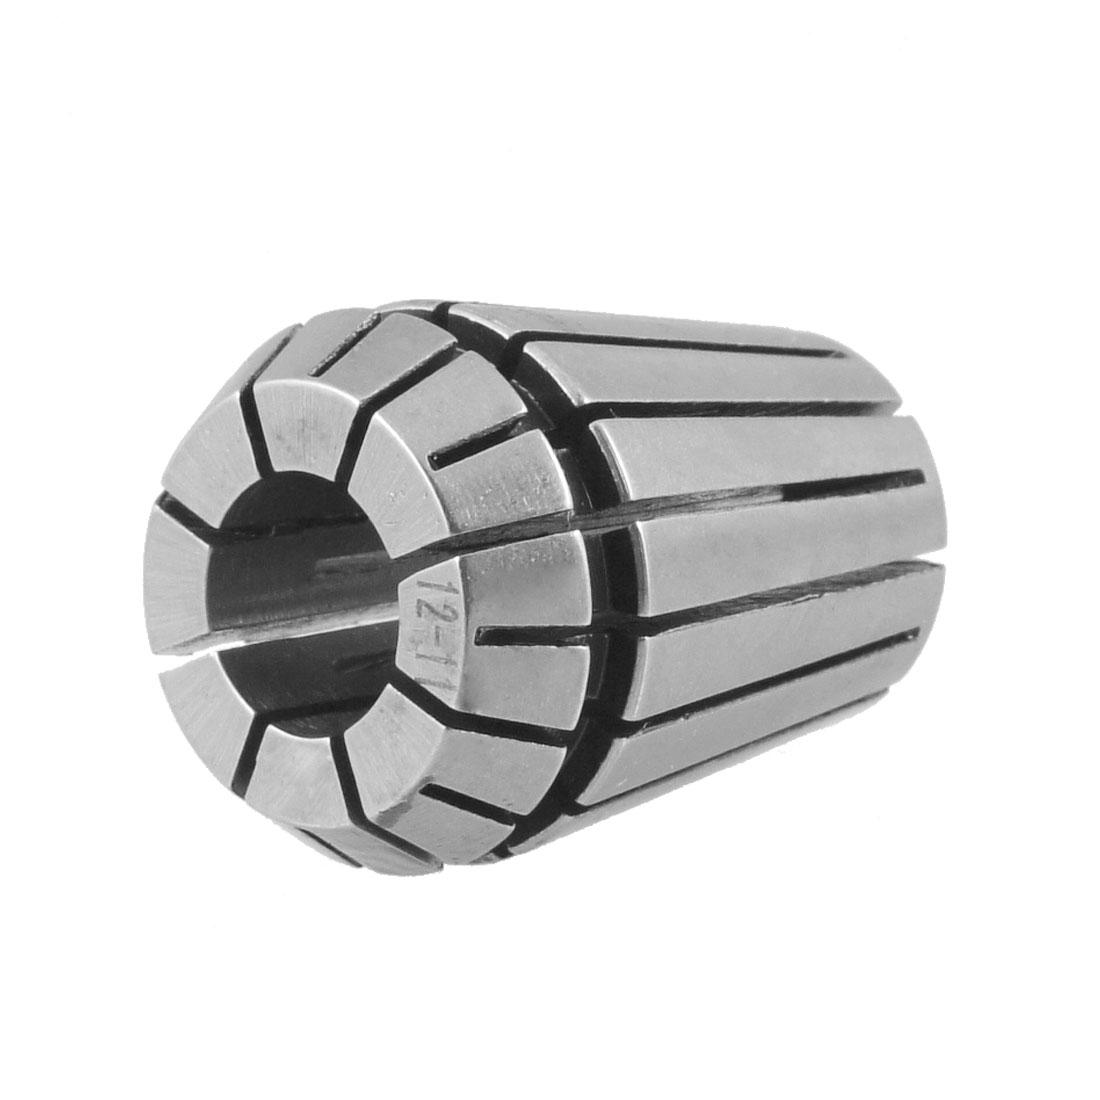 ER25 ER-25 12mm 15/32 Inch Stainless Steel CNC Milling Spring Collet